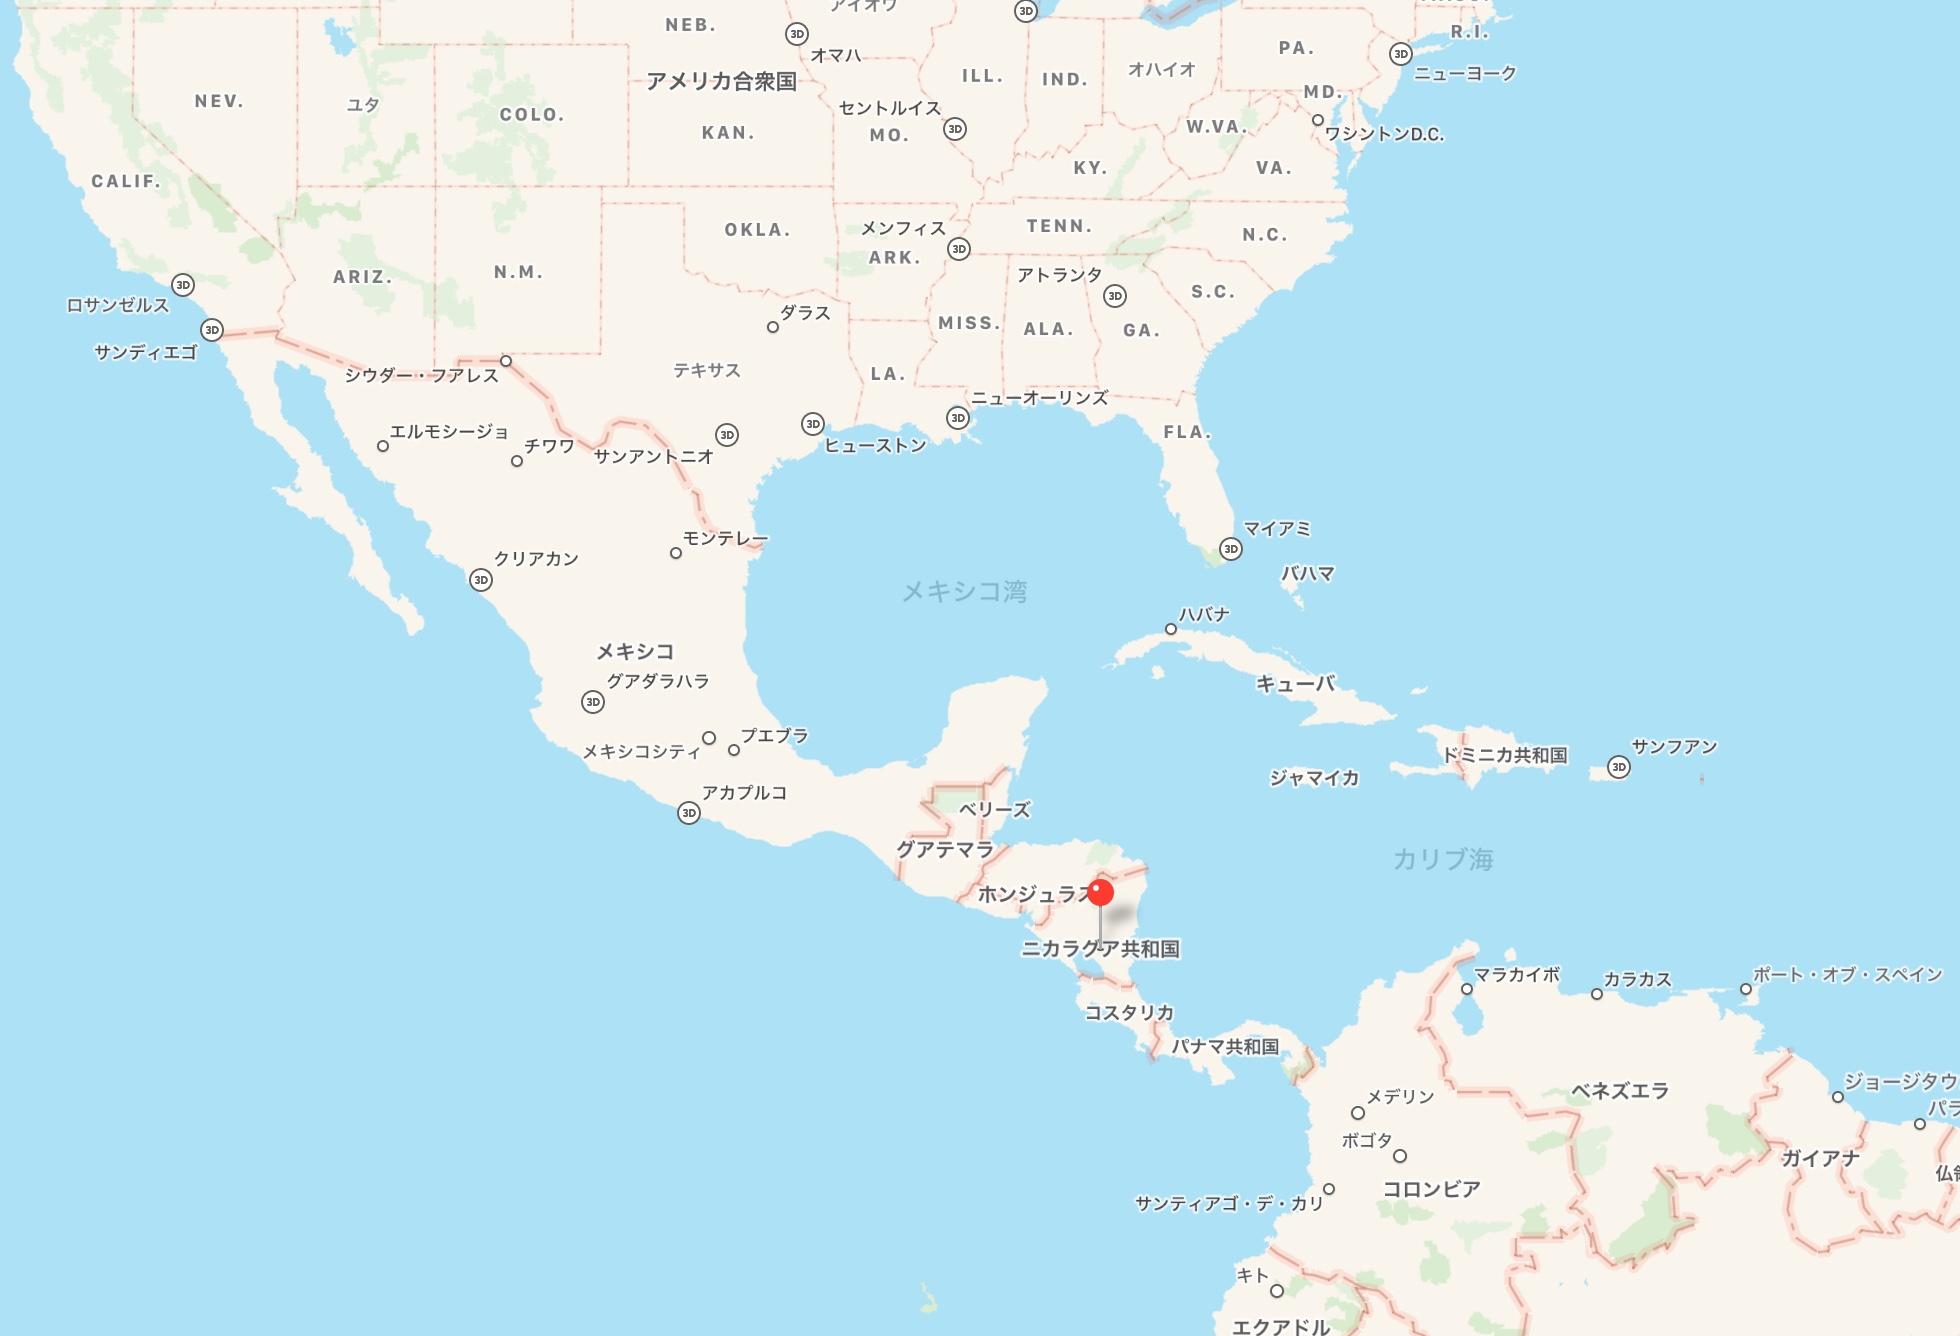 ニカラグア.jpeg